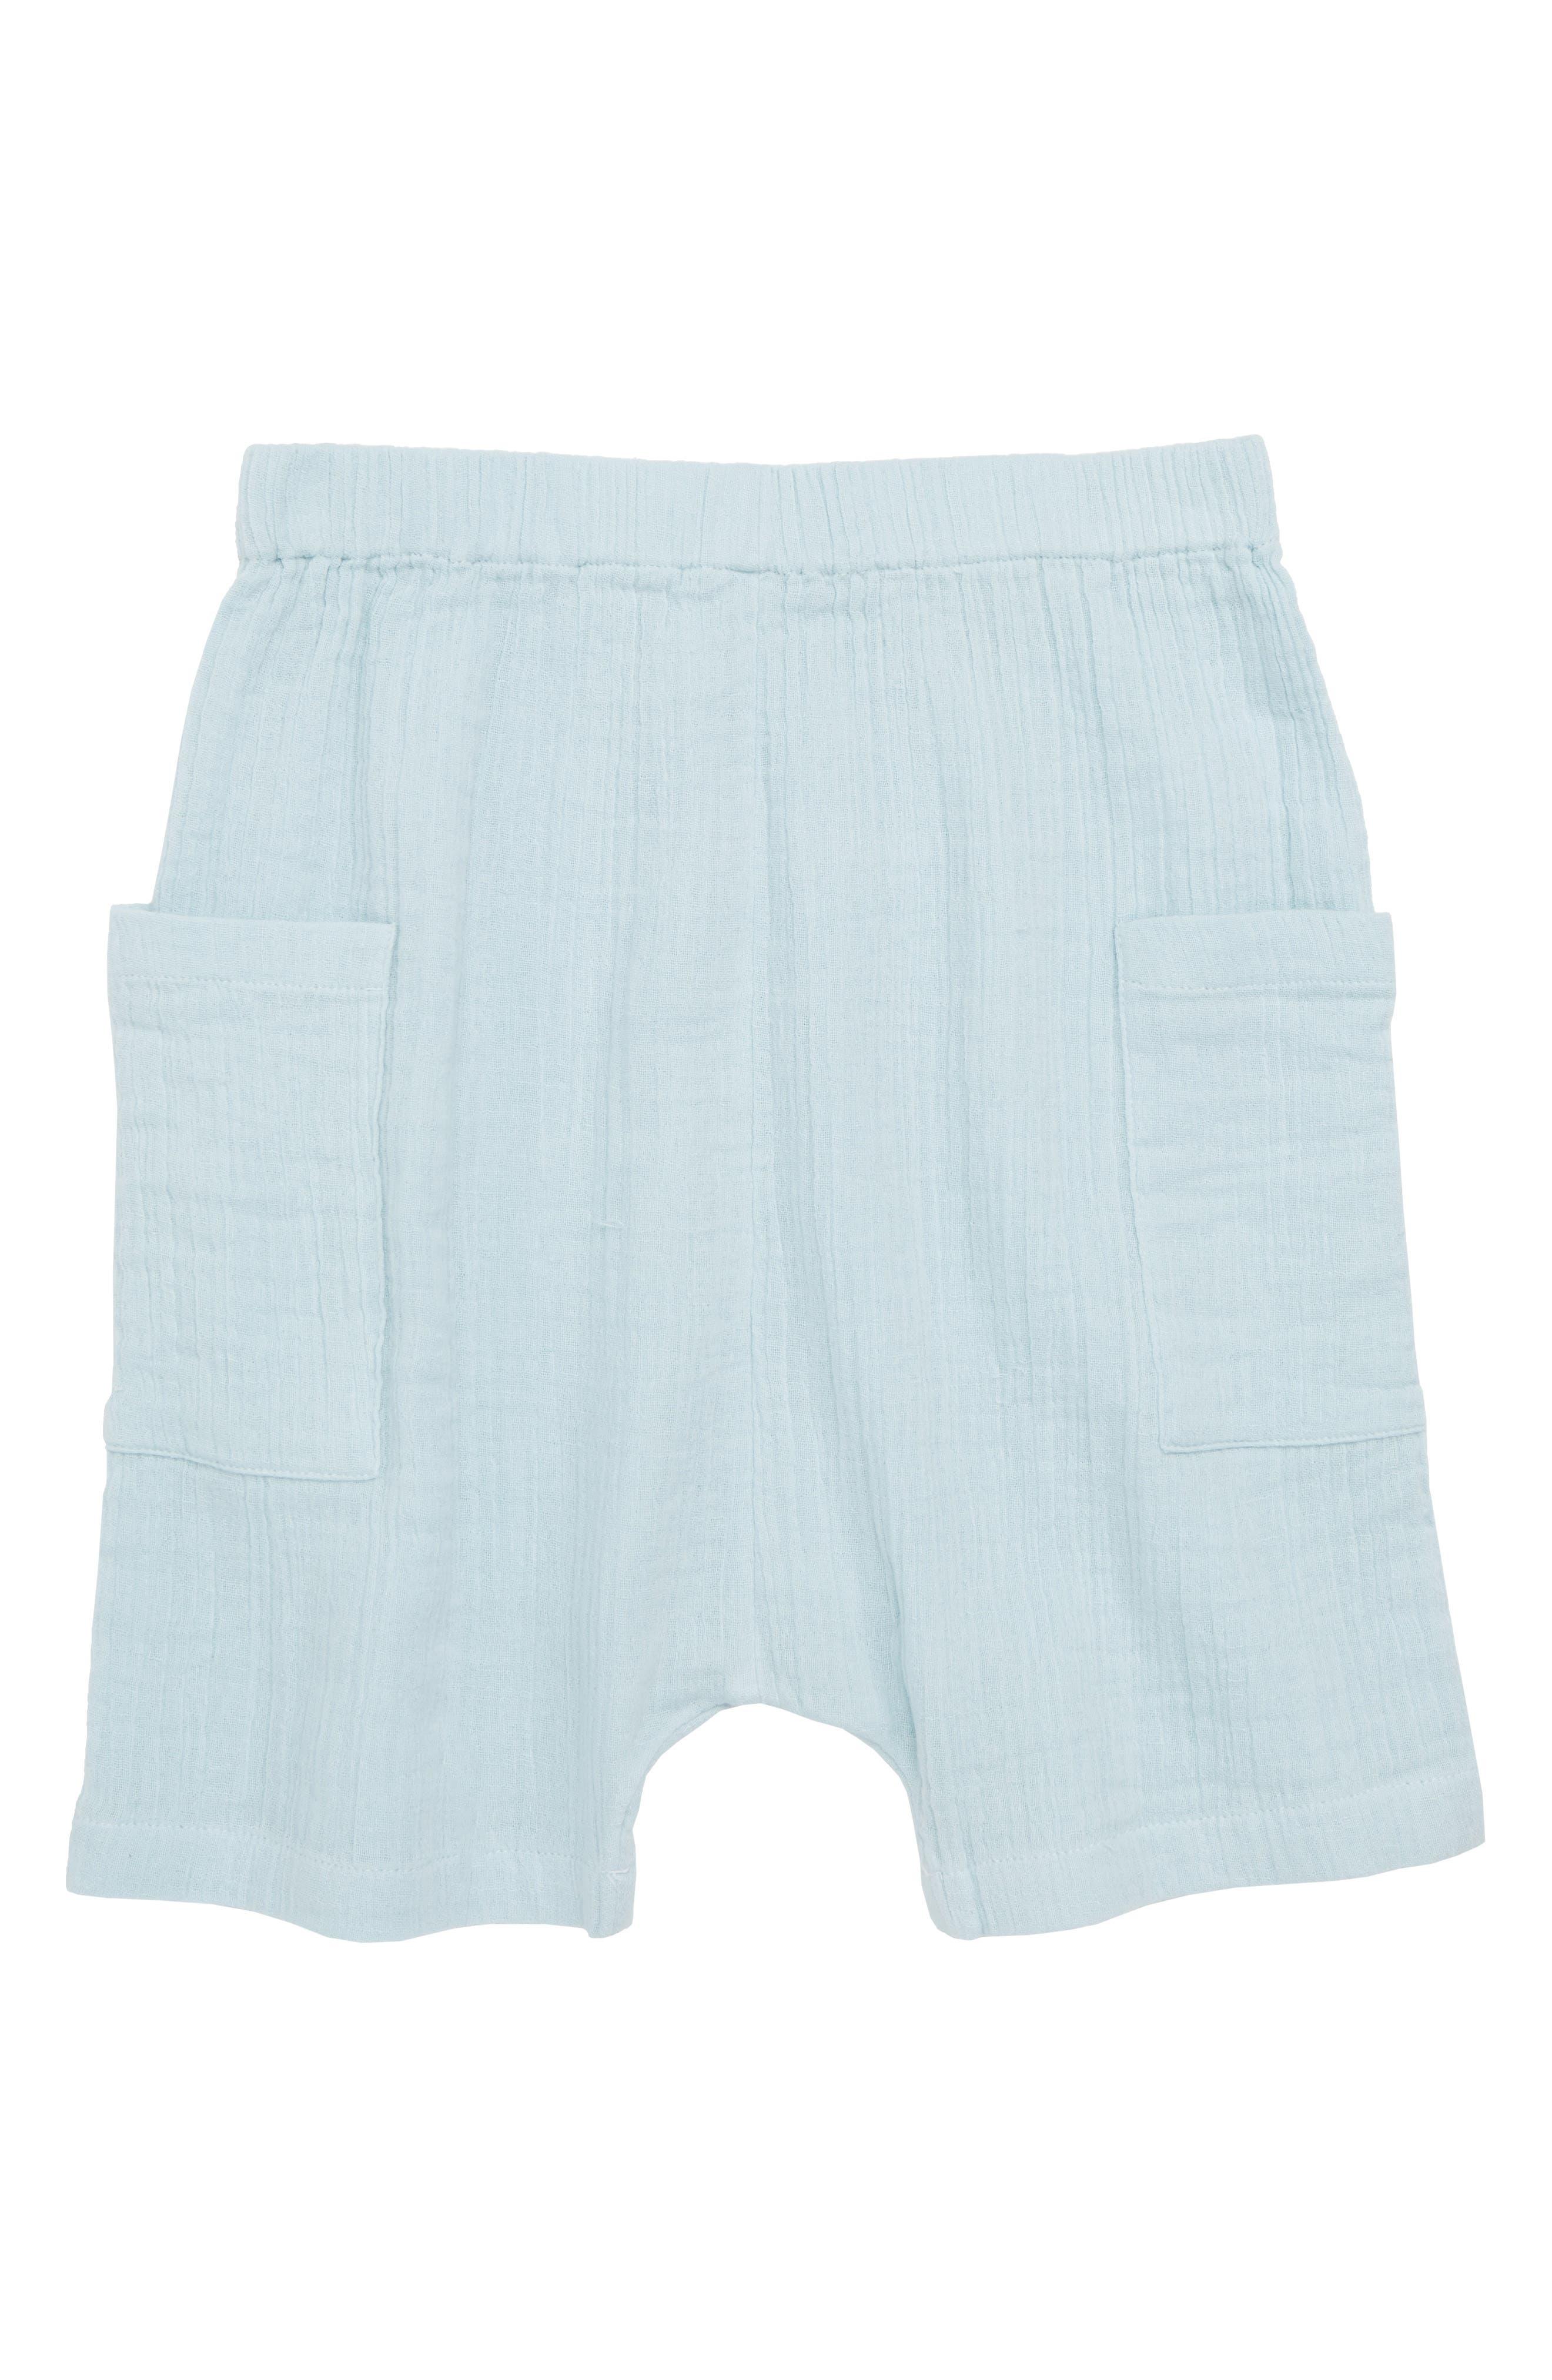 Crepe Moon Shorts,                             Main thumbnail 1, color,                             450